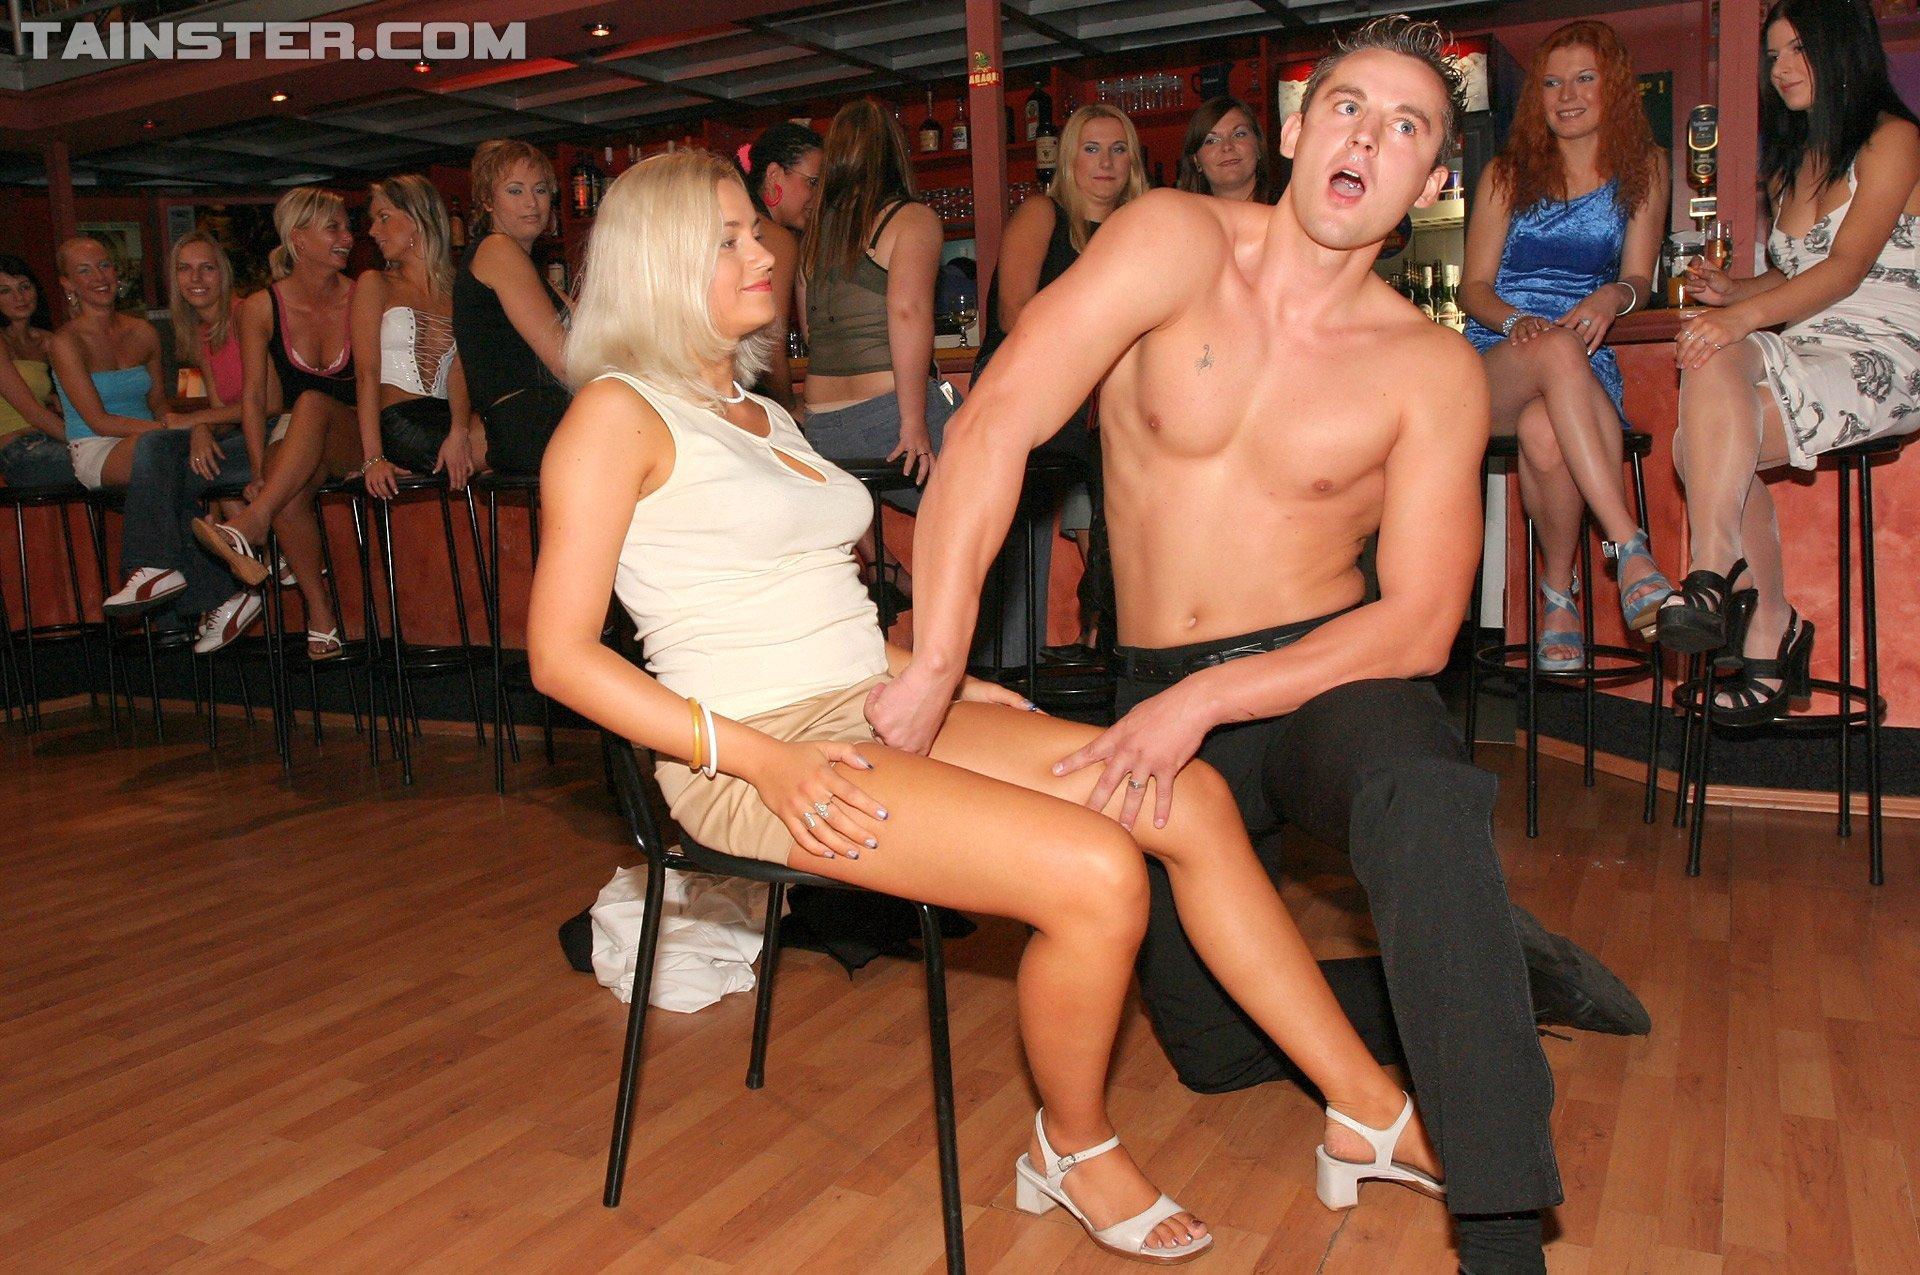 Развлечения на яндекседлявзрослых онлайн, Сексуальные развлечения взрослых 16 фотография